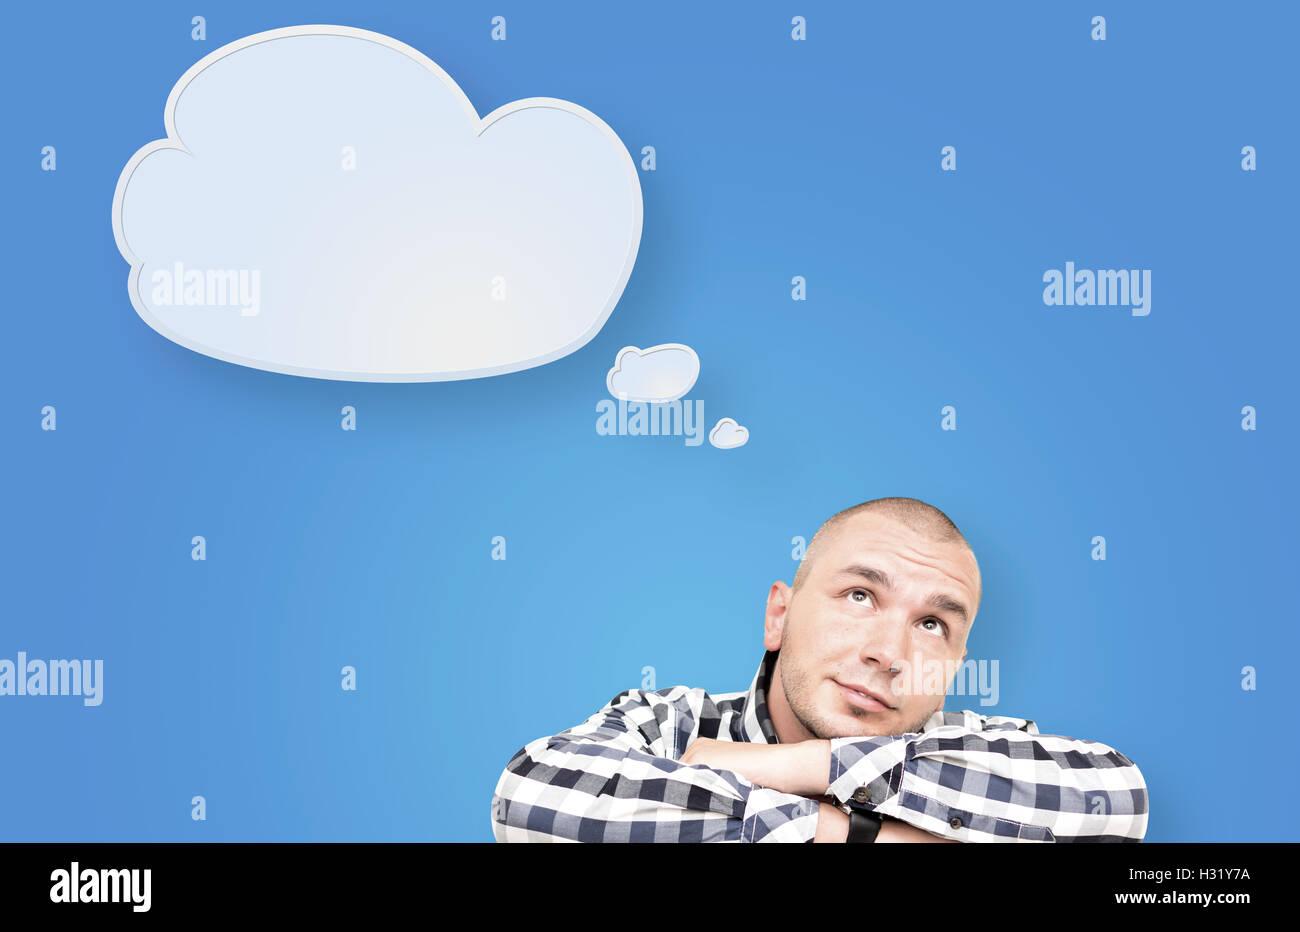 Hübscher kaukasischen Mann auf einem grafischen Hintergrund isoliert Stockbild